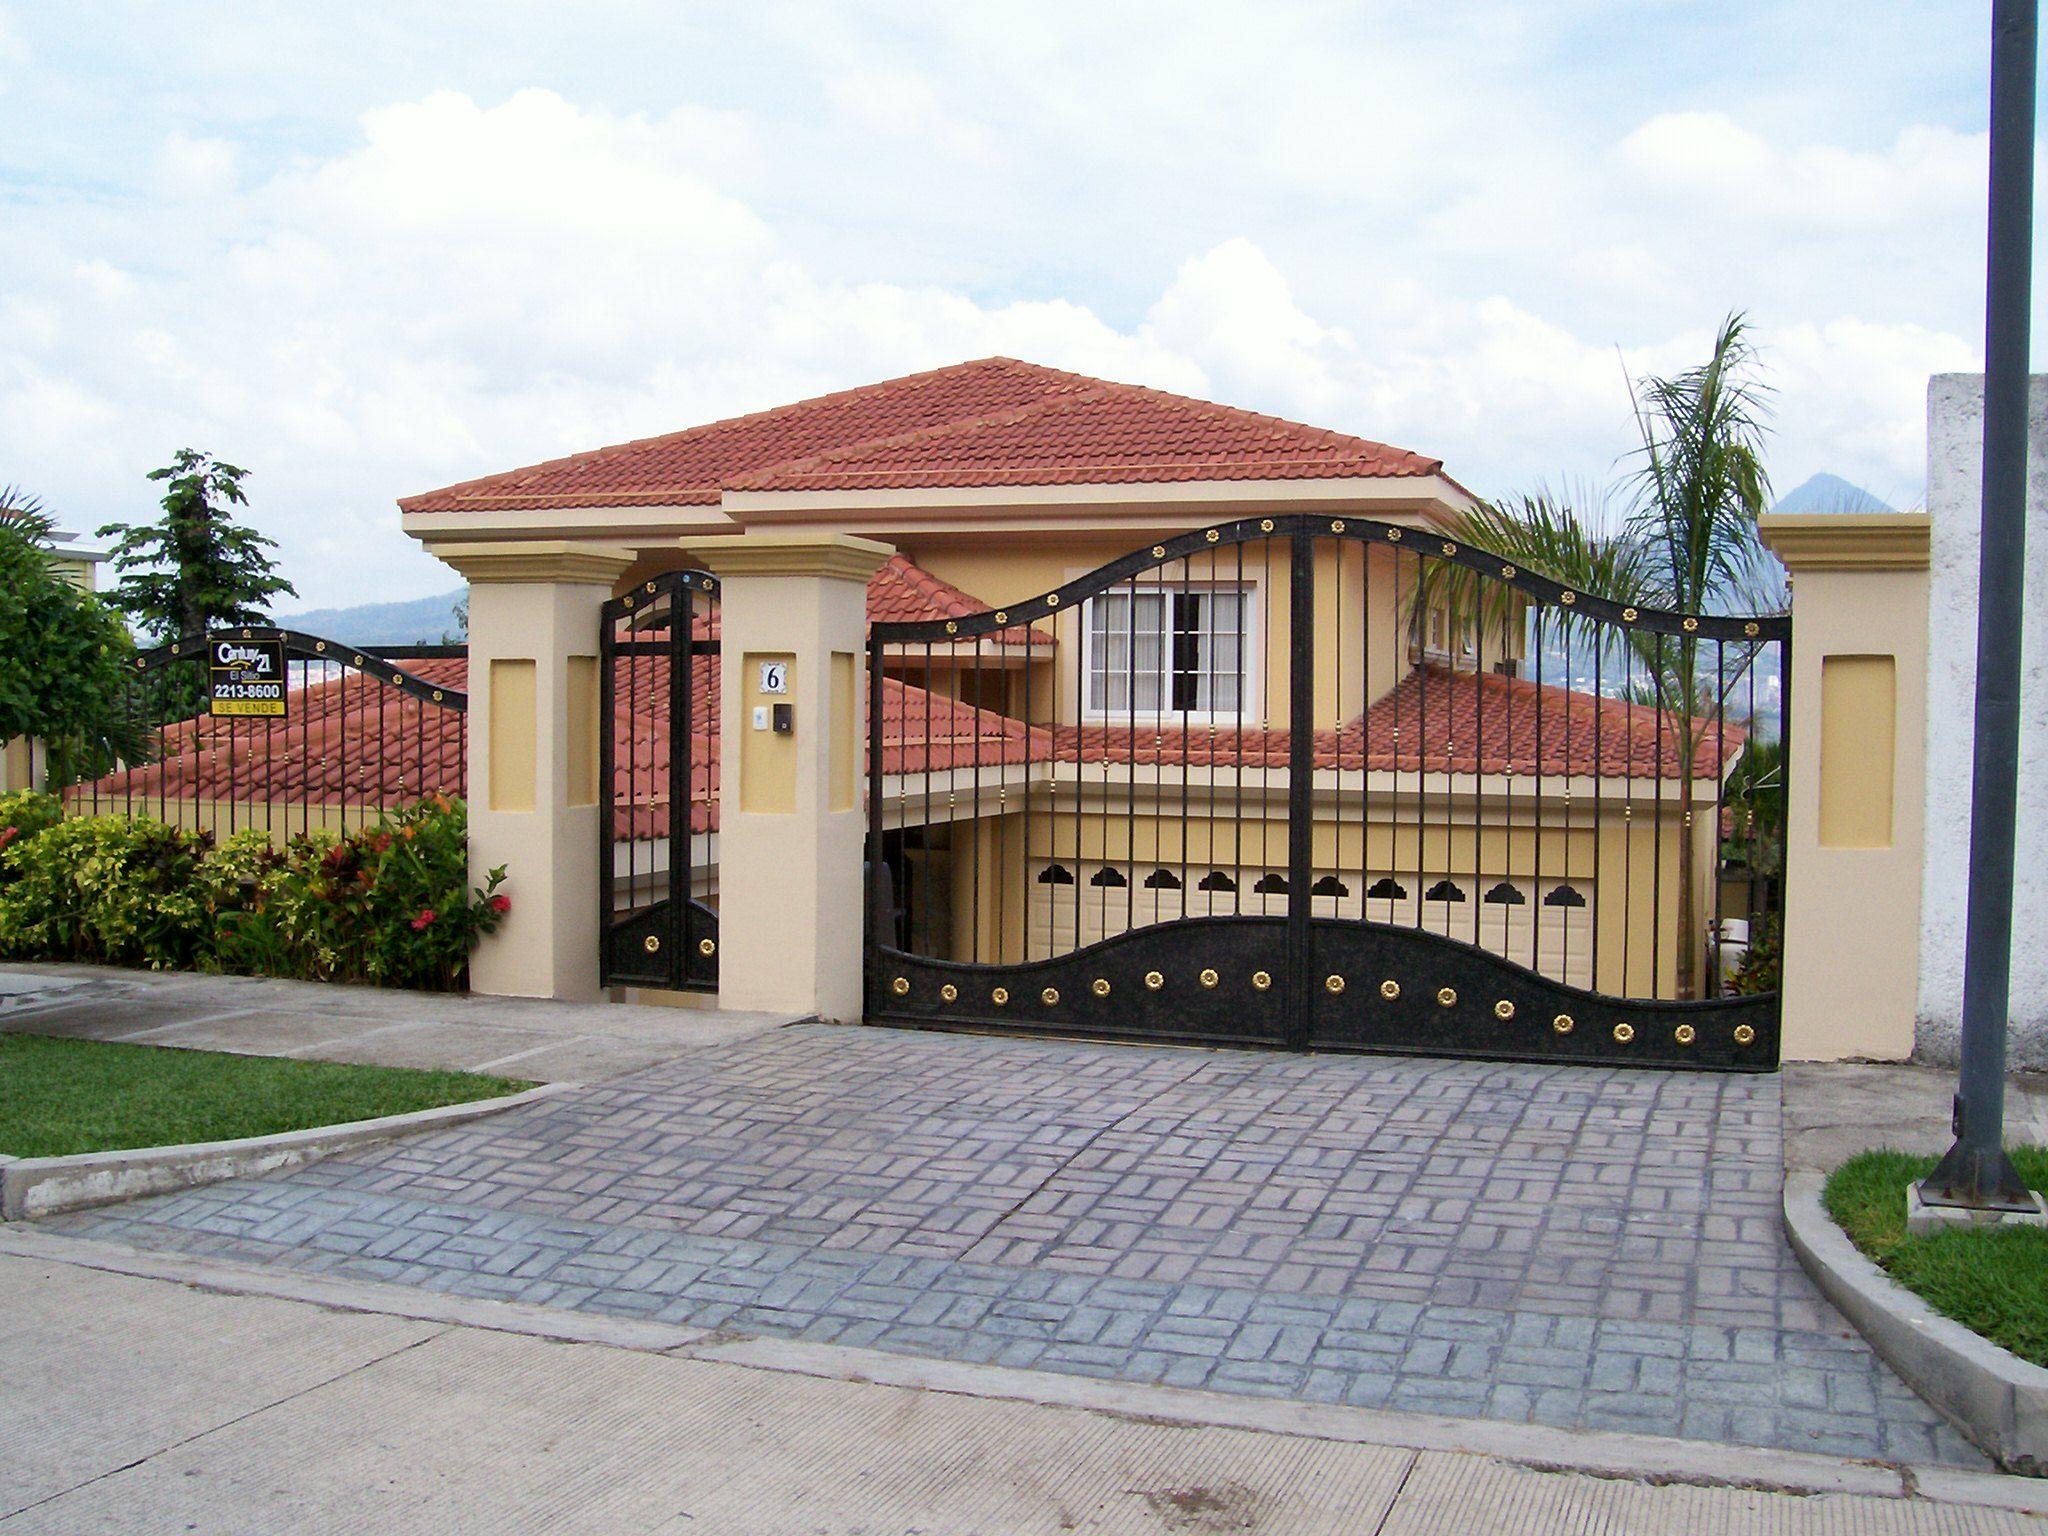 Puertas de metal para bardas buscar con google casas - Puertas de metal para casas ...